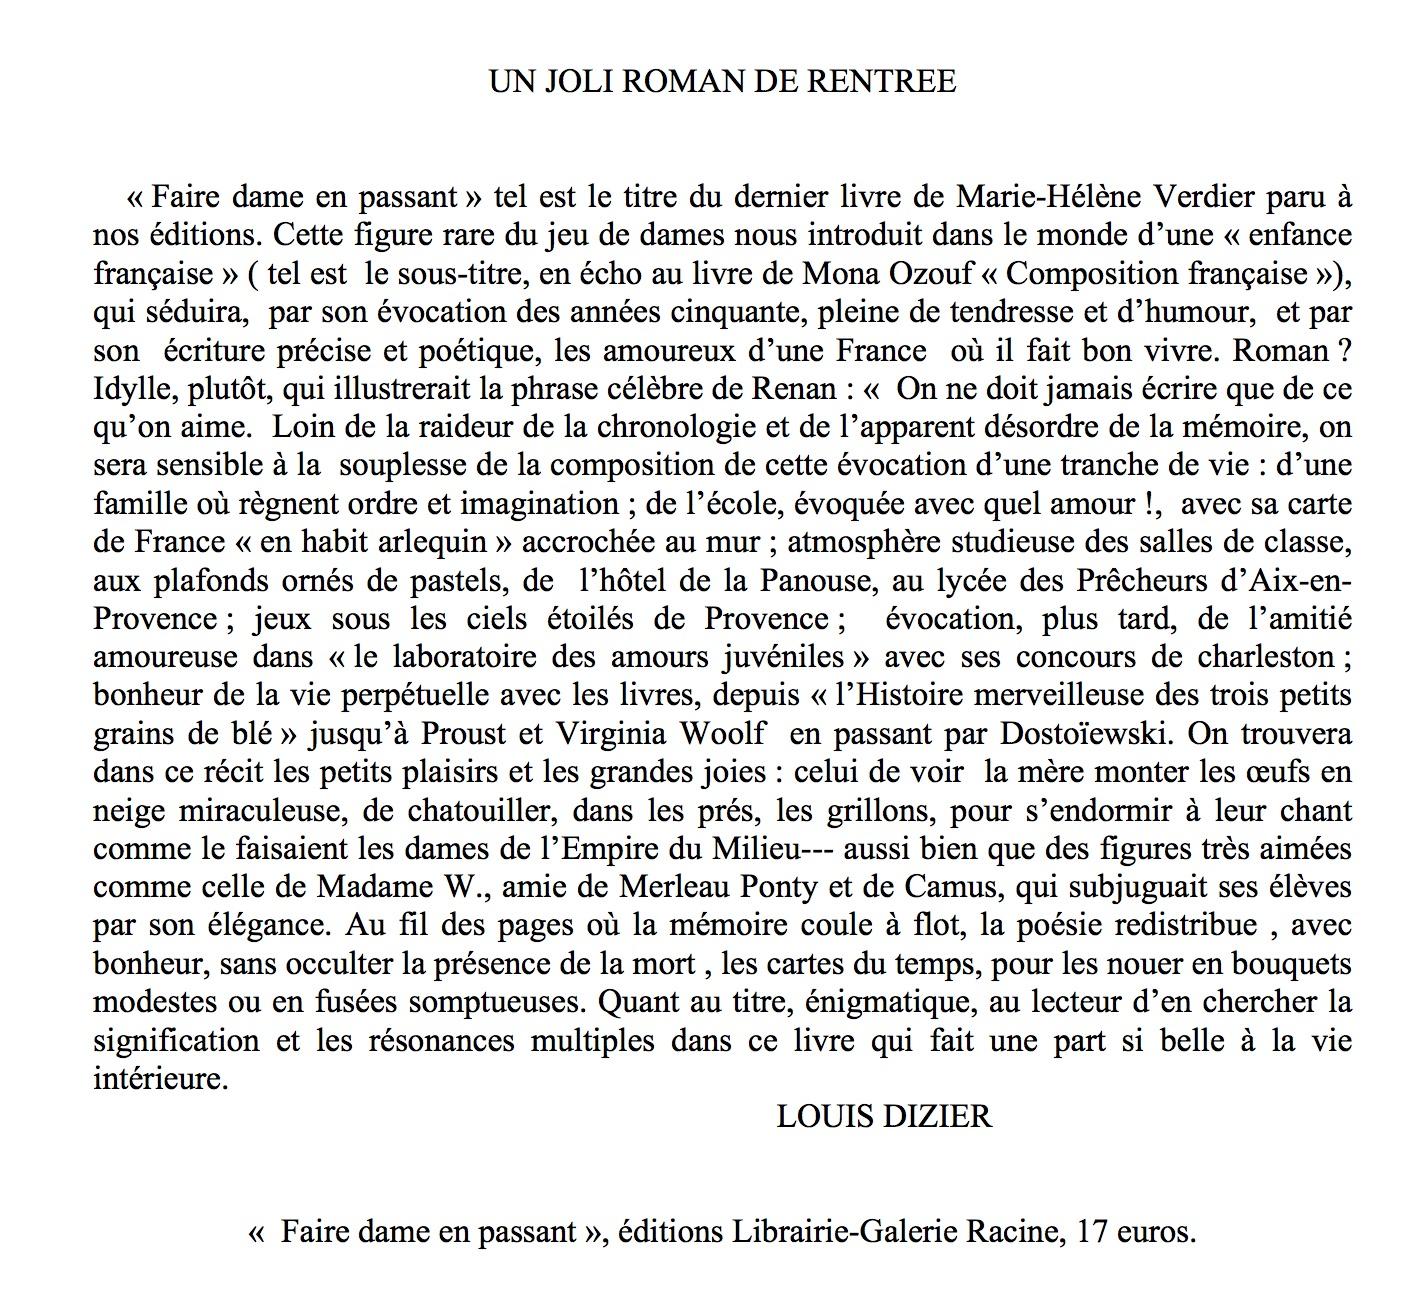 Marie-Hélène Verdier - Faire dame en passant